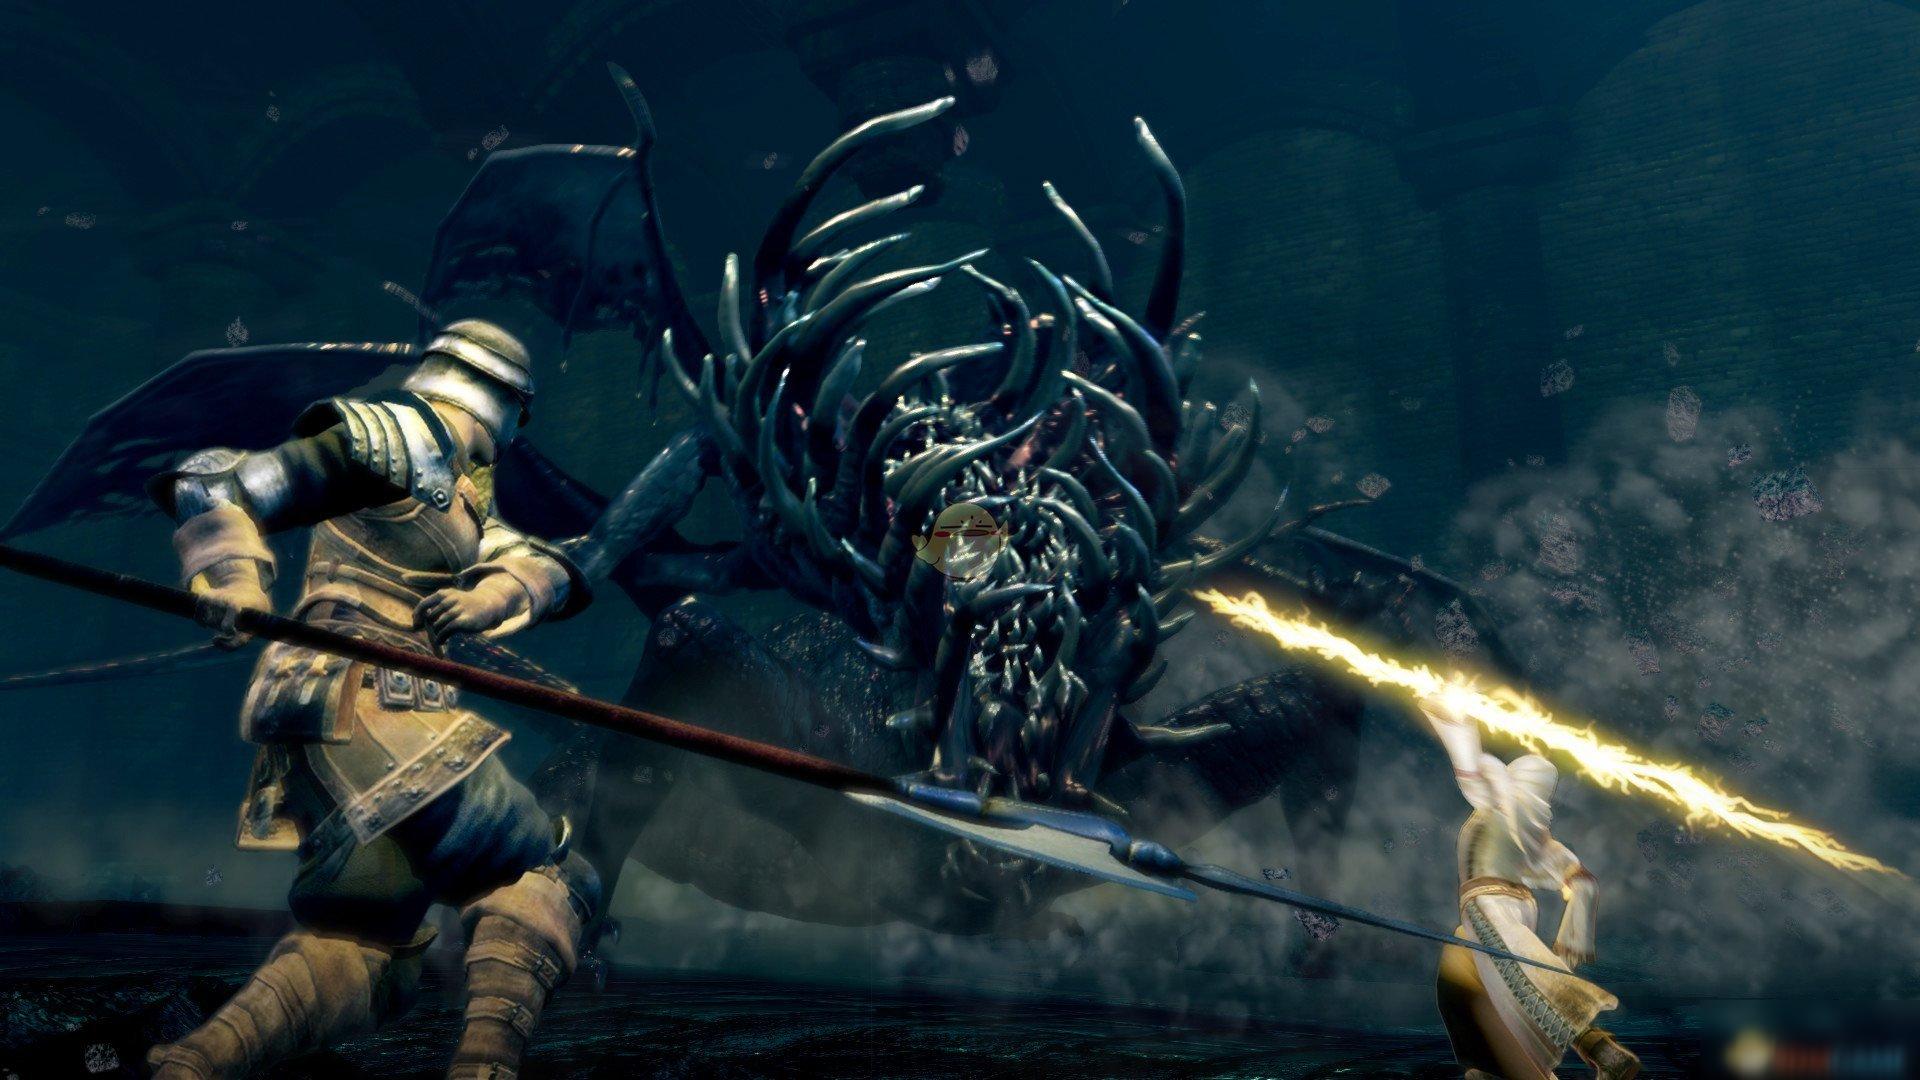 《黑暗之魂重制版》全大曲剑怎么得 全大曲剑获得攻略大全